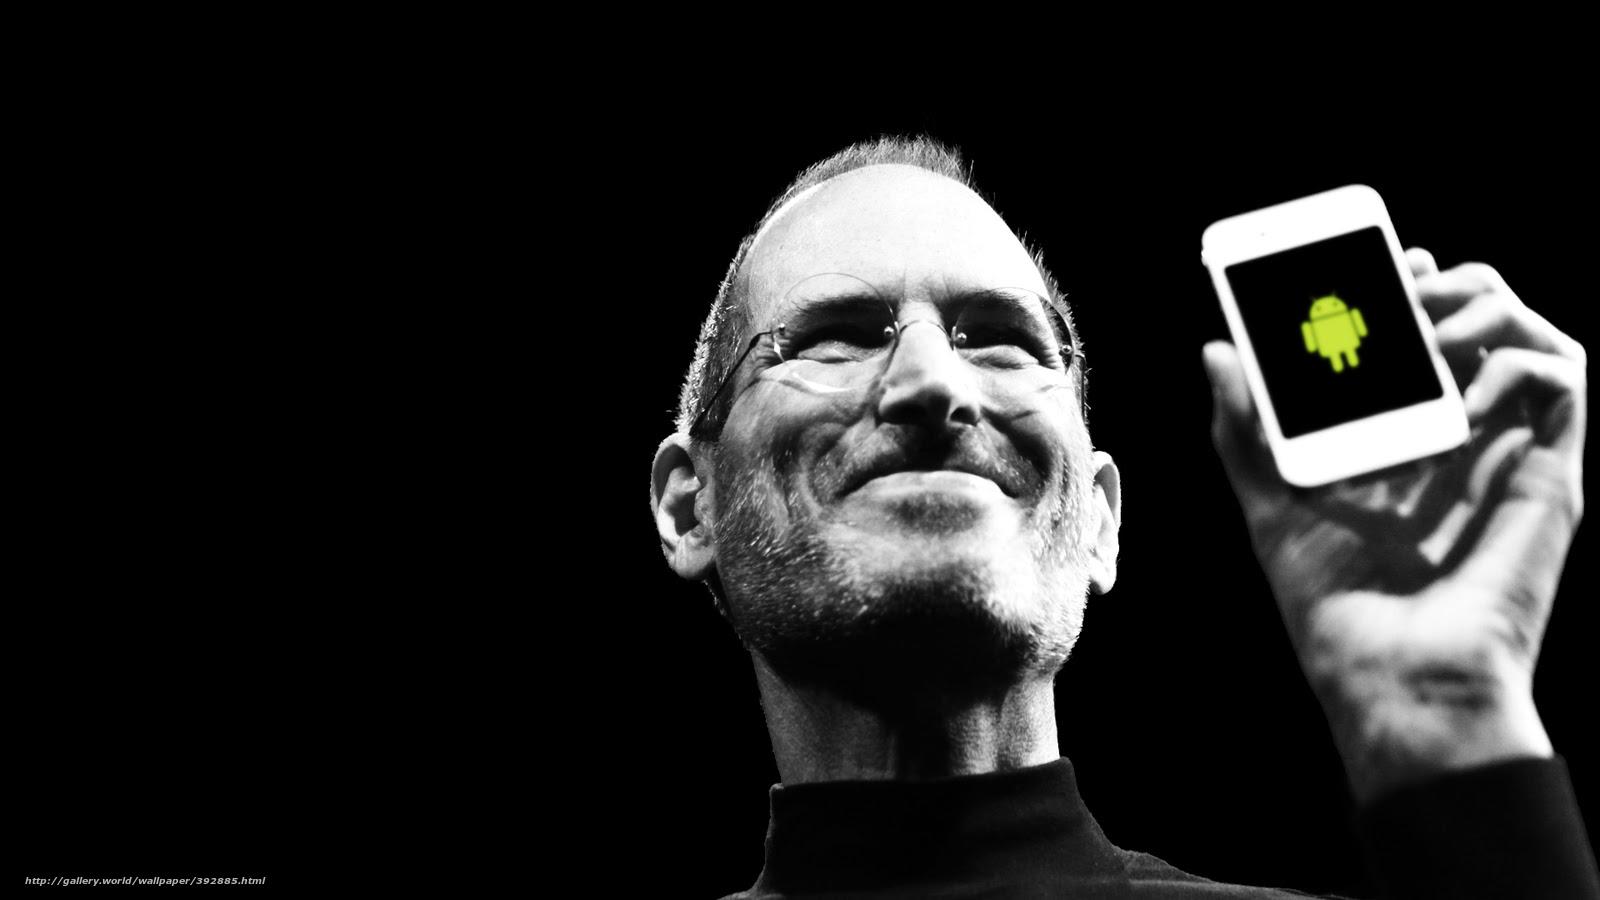 壁紙をダウンロード スティーブ ジョブズ 世界を変えた男 Ipodの